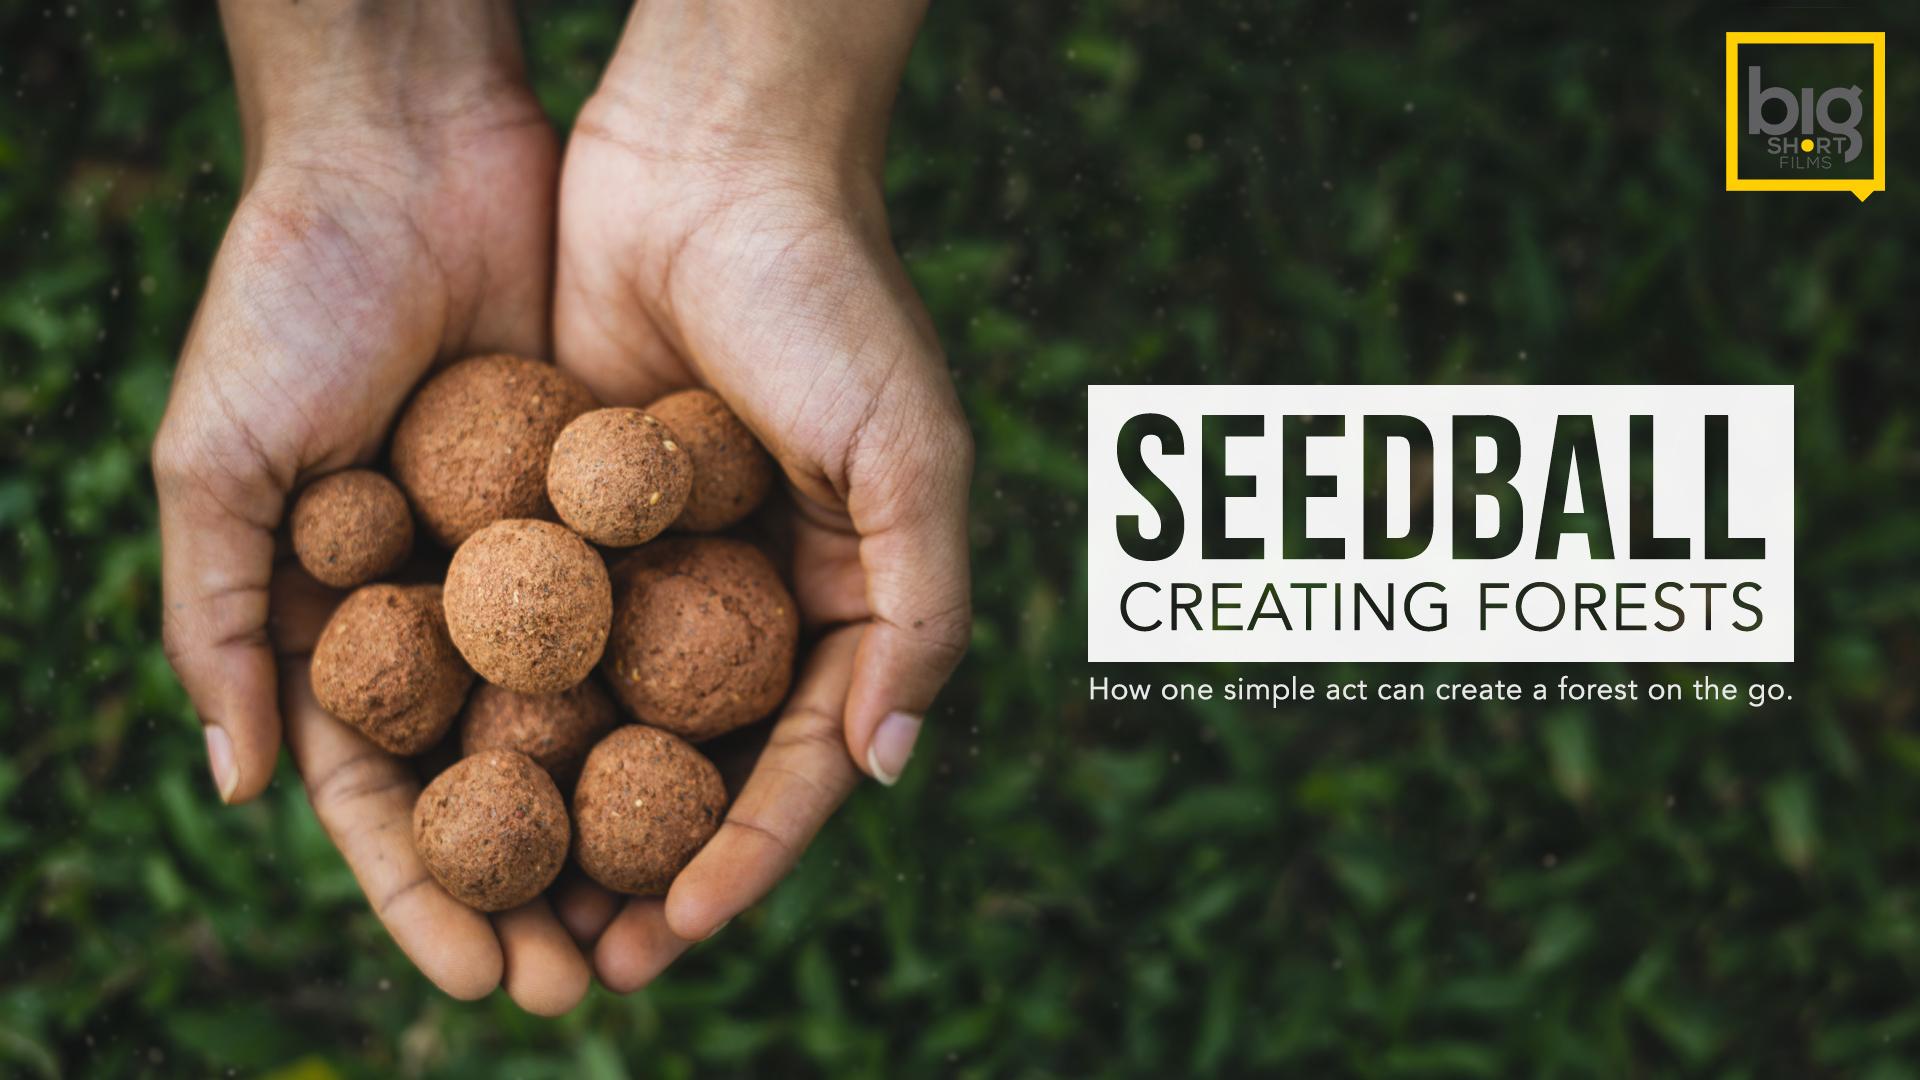 Seedball-Poster